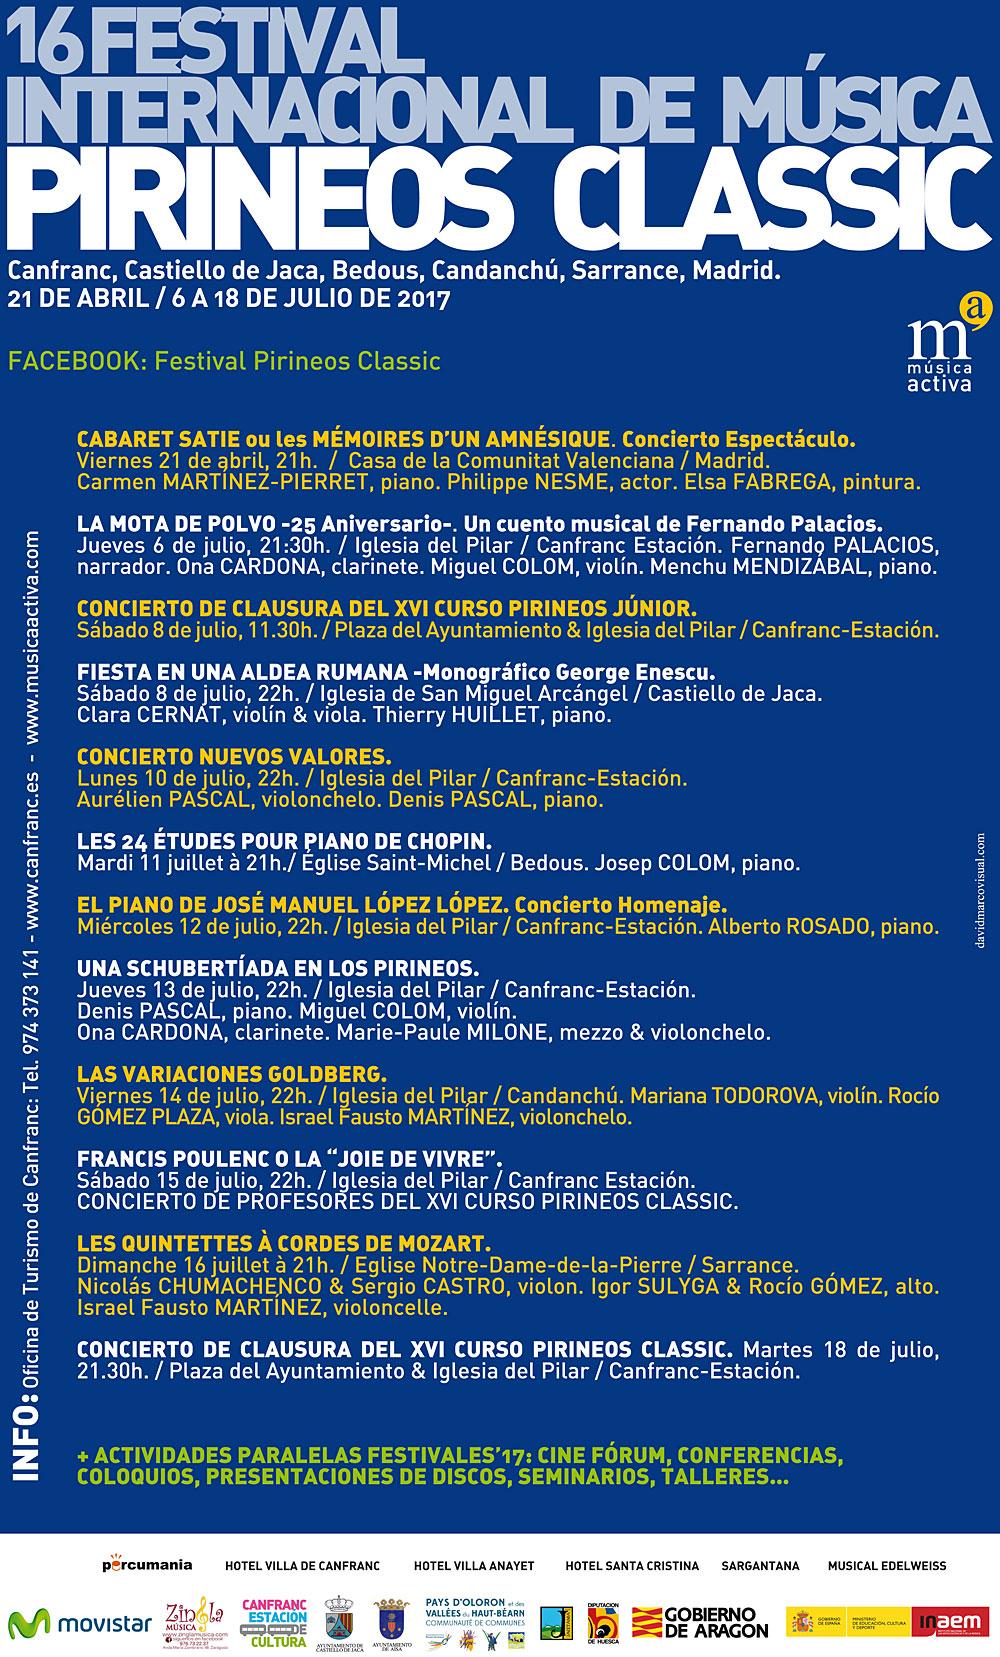 Pirineos Classic 2017 : conciertos